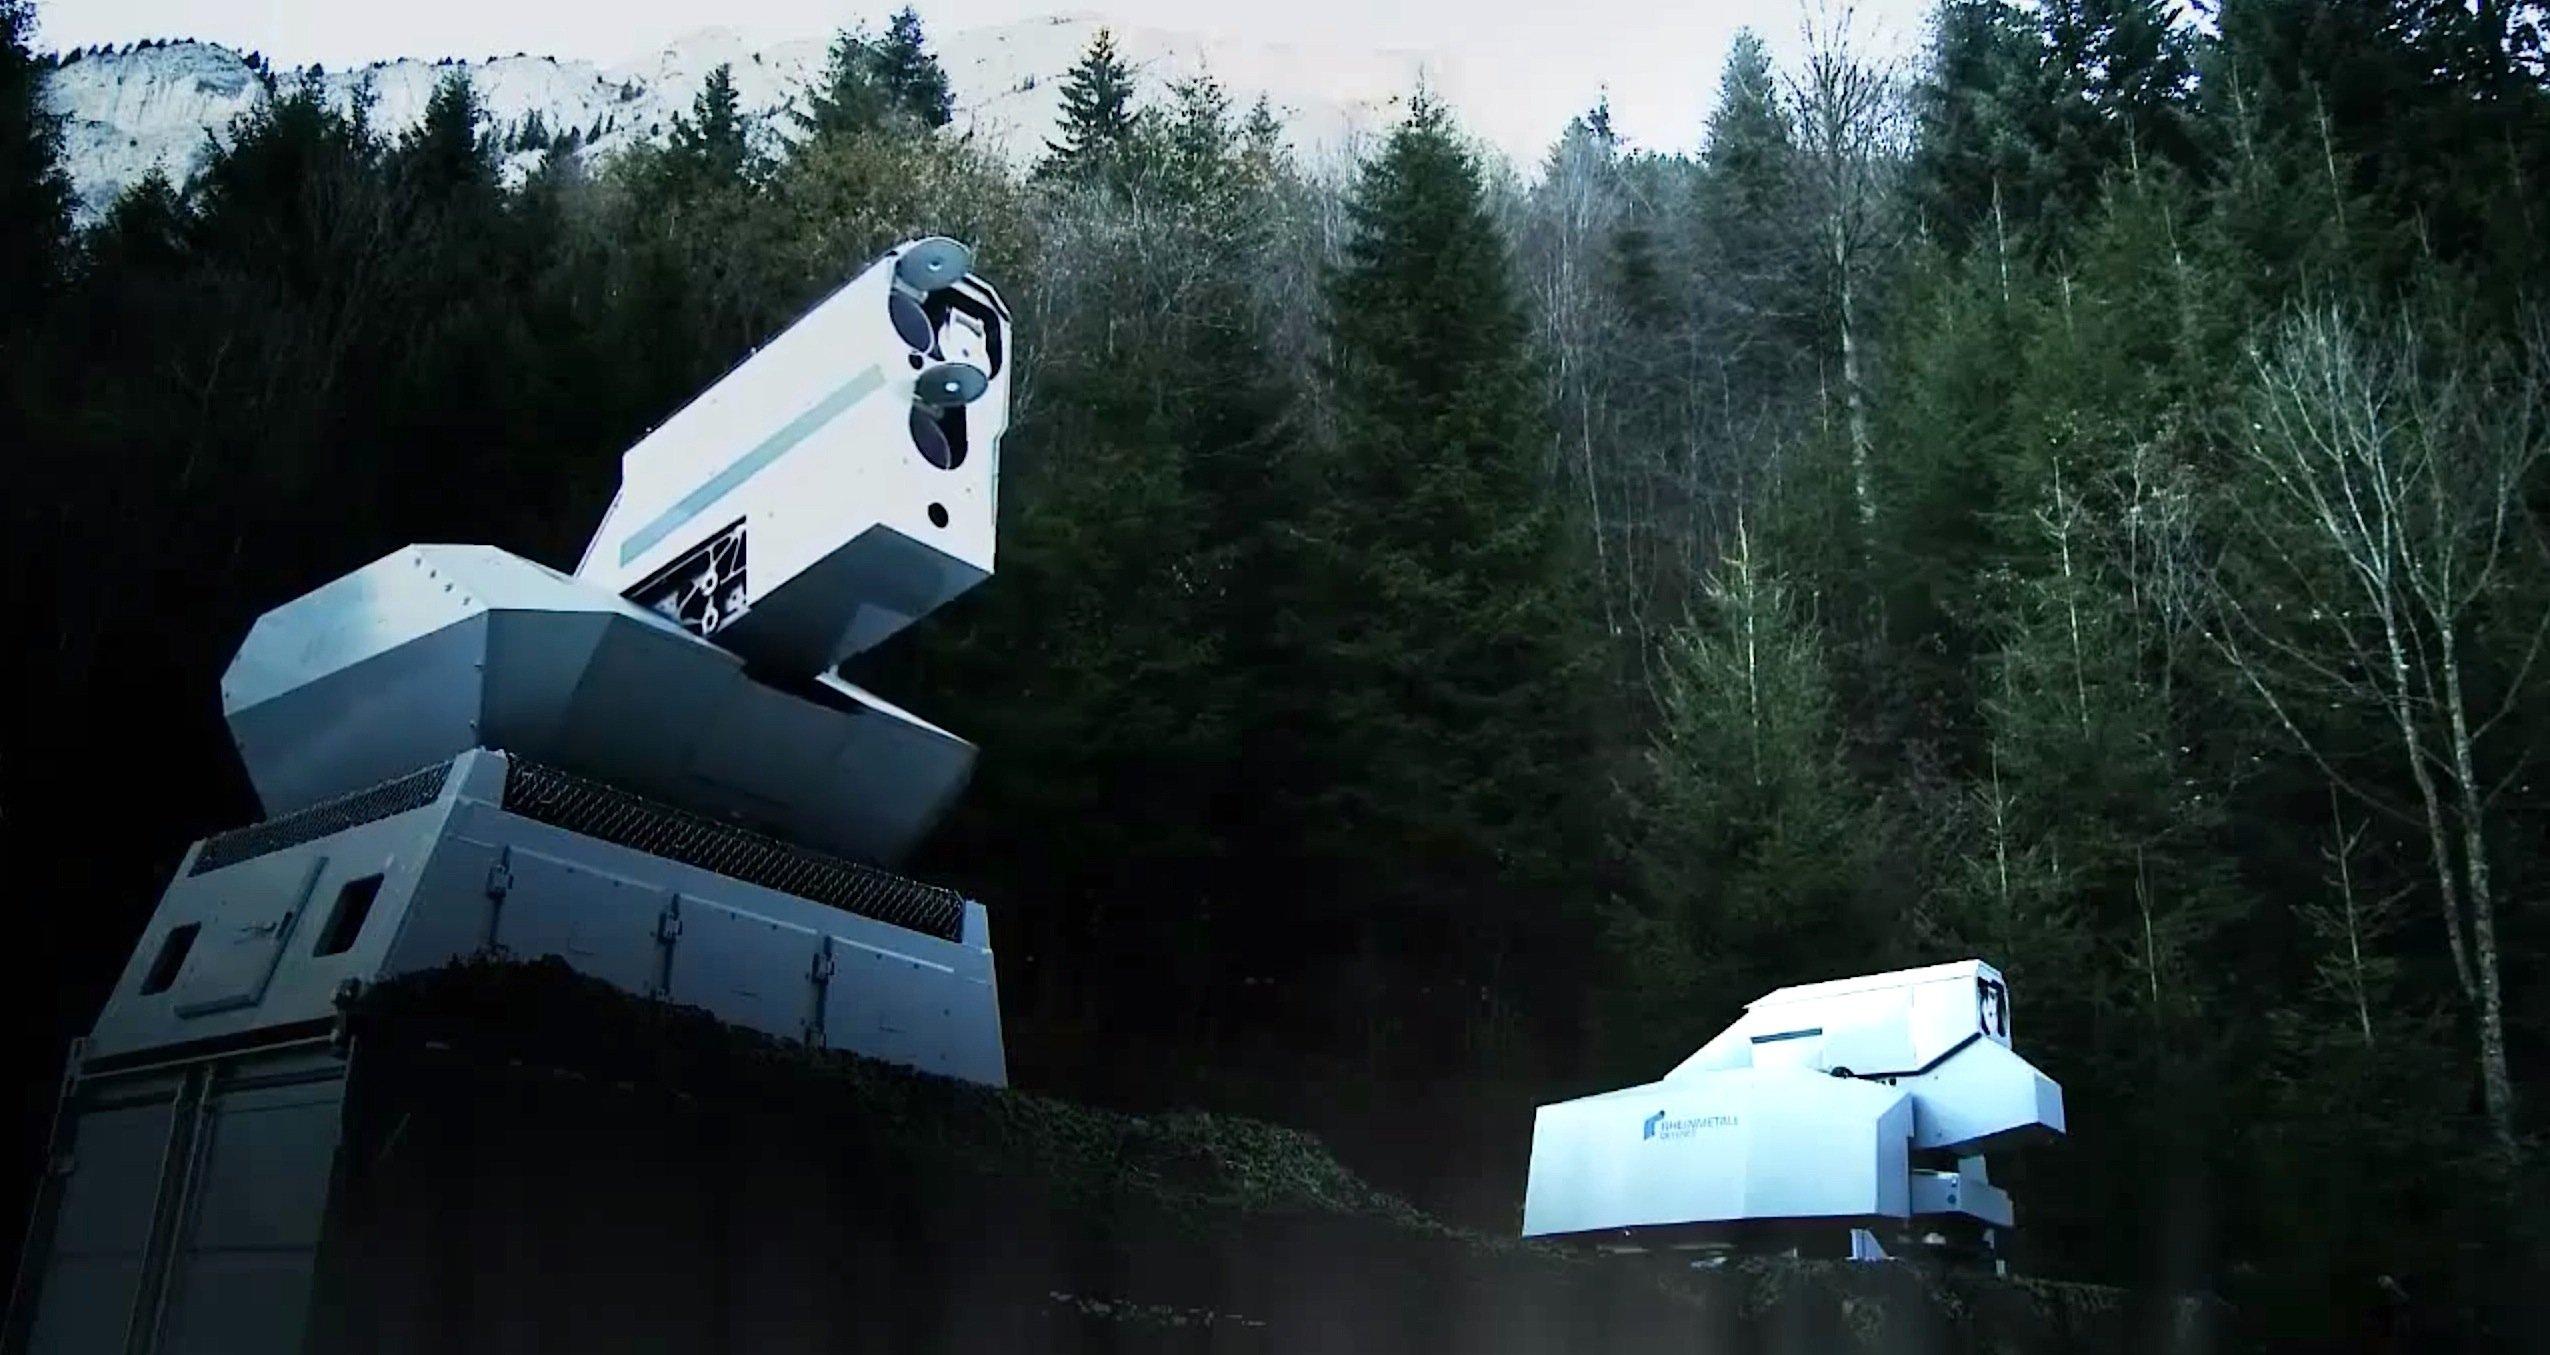 An den Laserwaffen, die der Rüstungskonzern Rheinmetall 2013 in der Schweiz vorgestellt hat, ist auch die Bundeswehr interessiert. Sie hat bereits 84 Mio. € in diese Waffentechnik investiert.